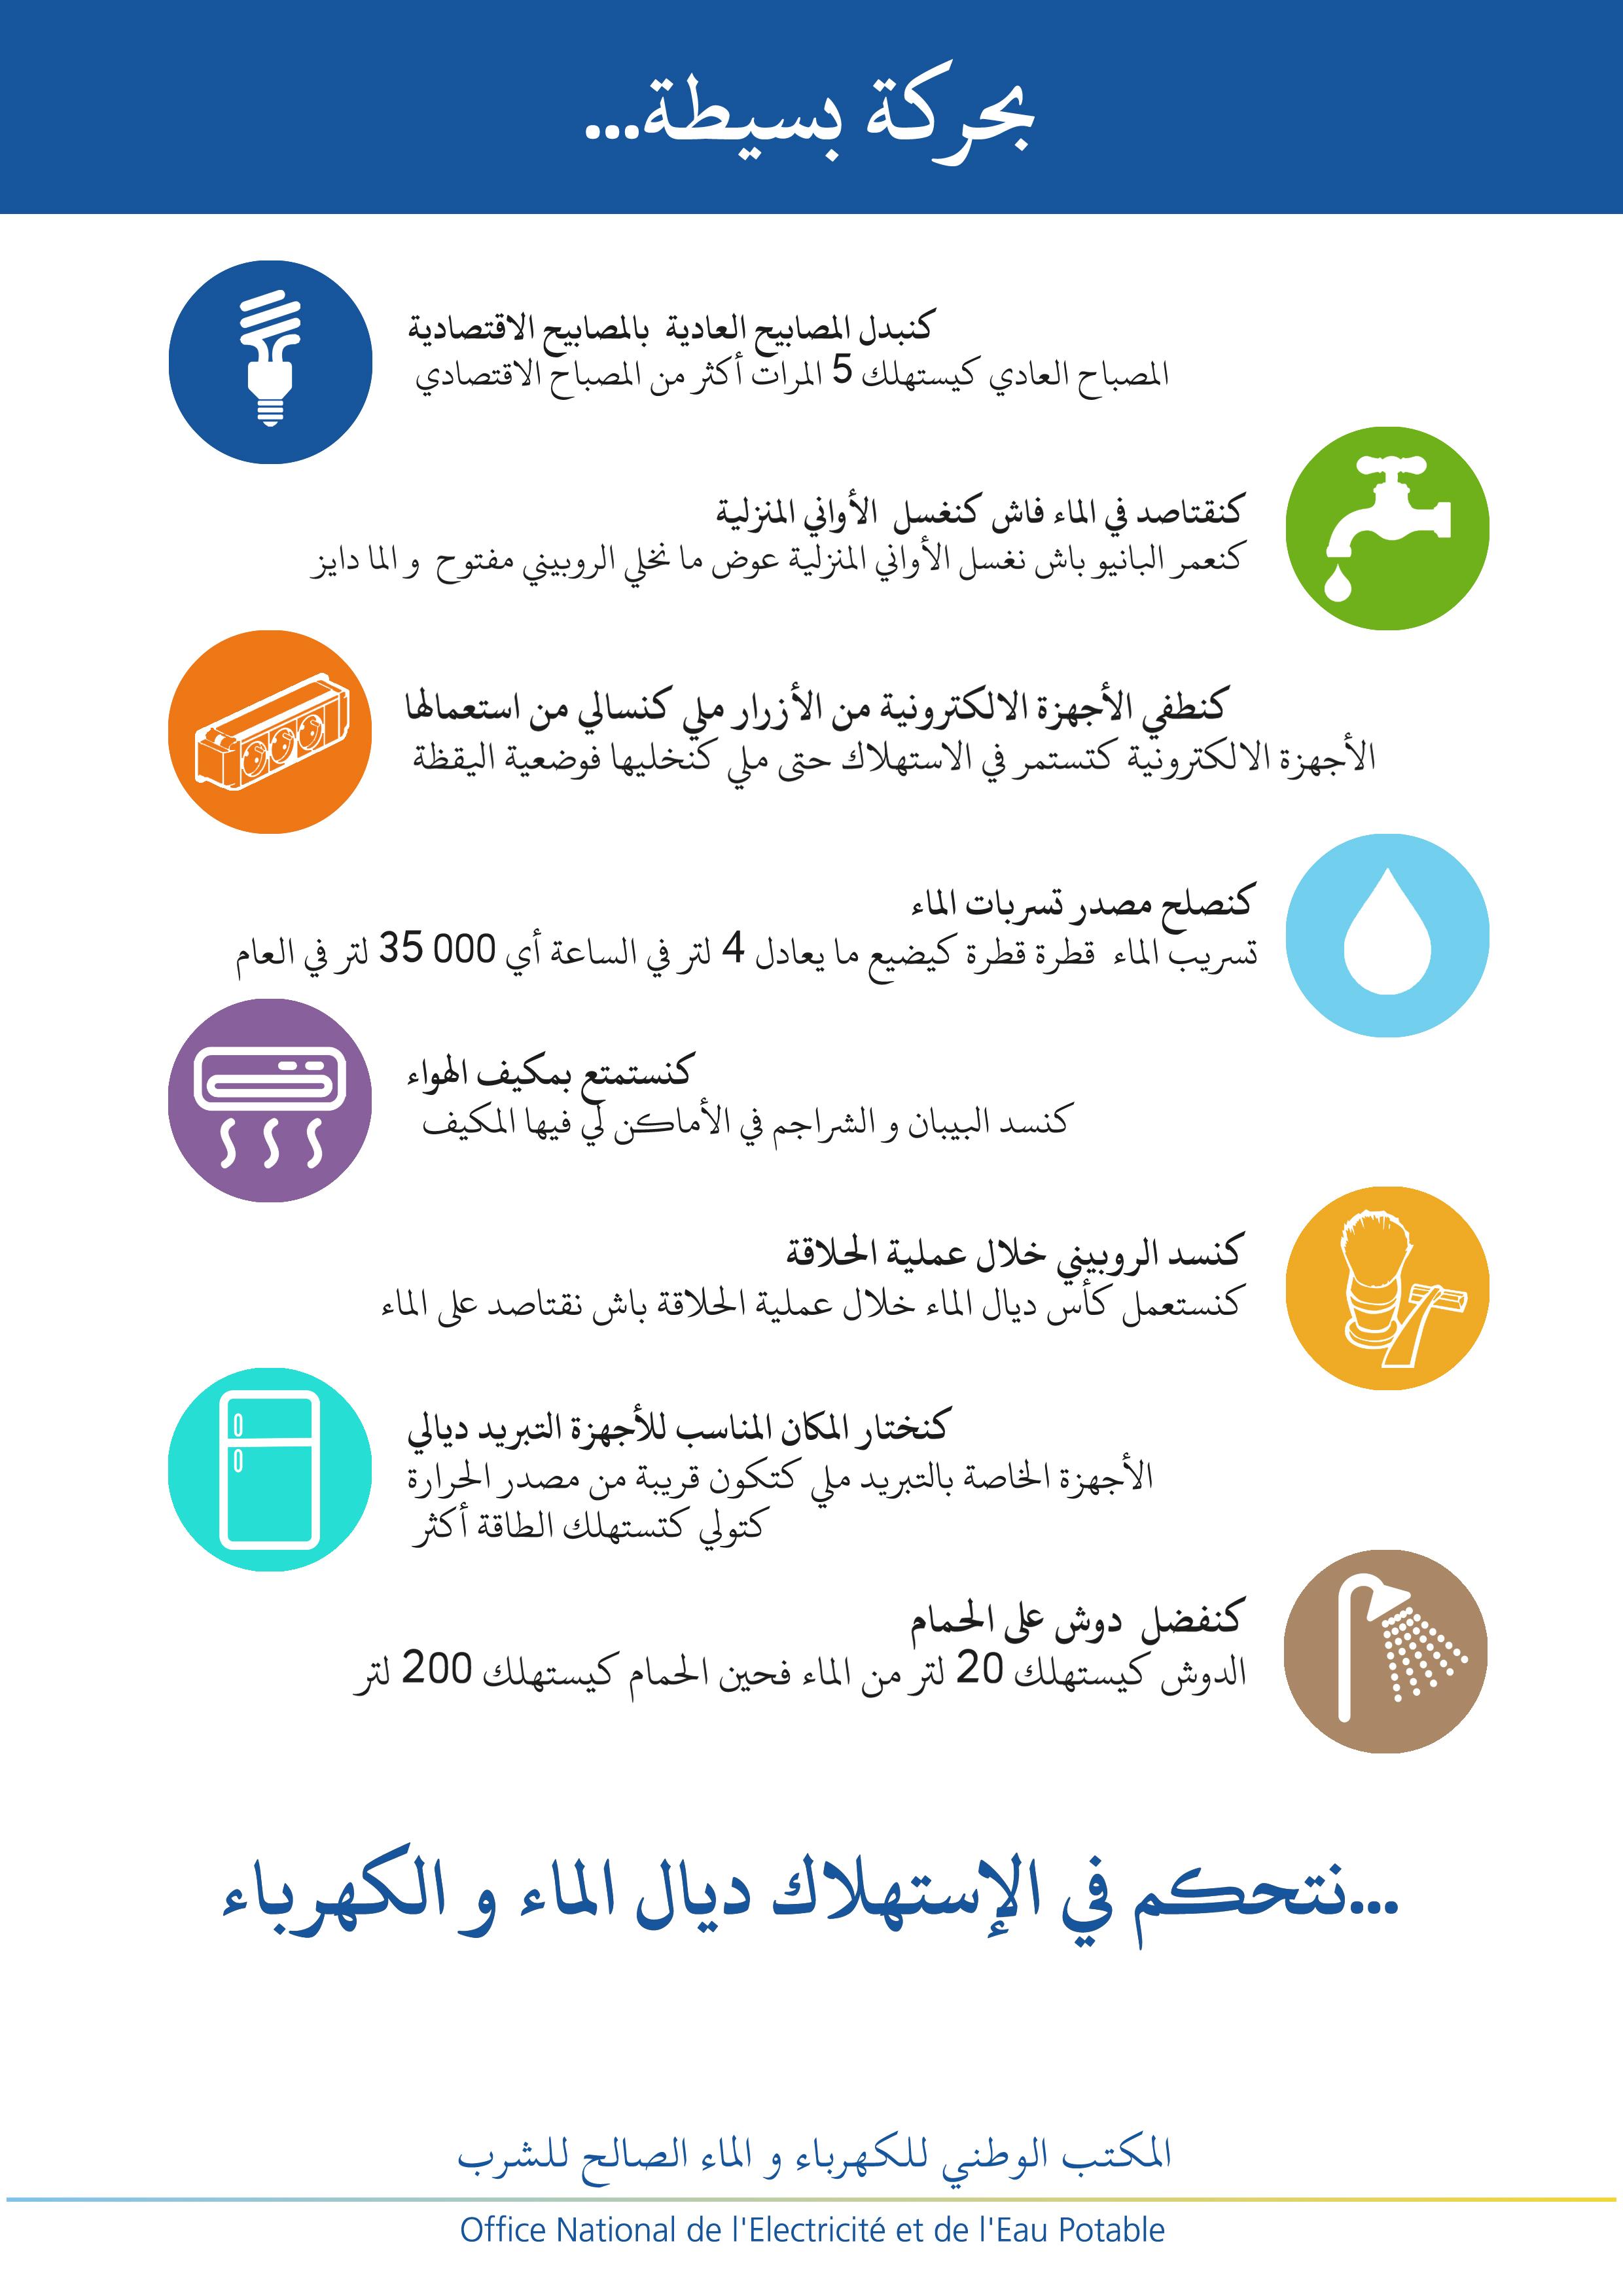 Onep - Office national de l electricite et de l eau potable ...